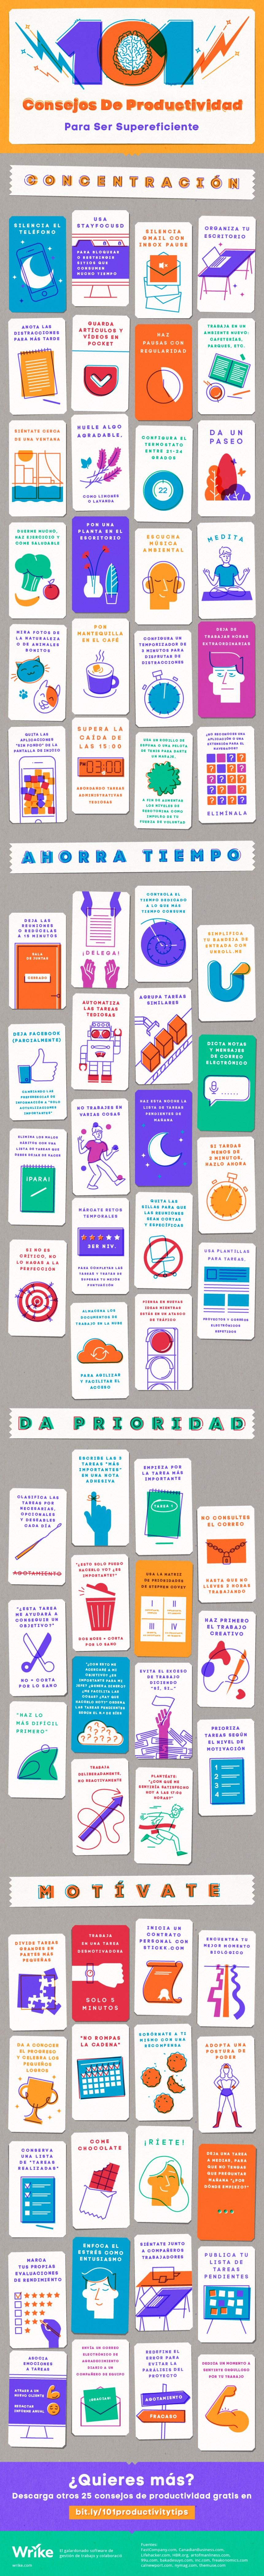 101 consejos de Productividad para ser supereficiente